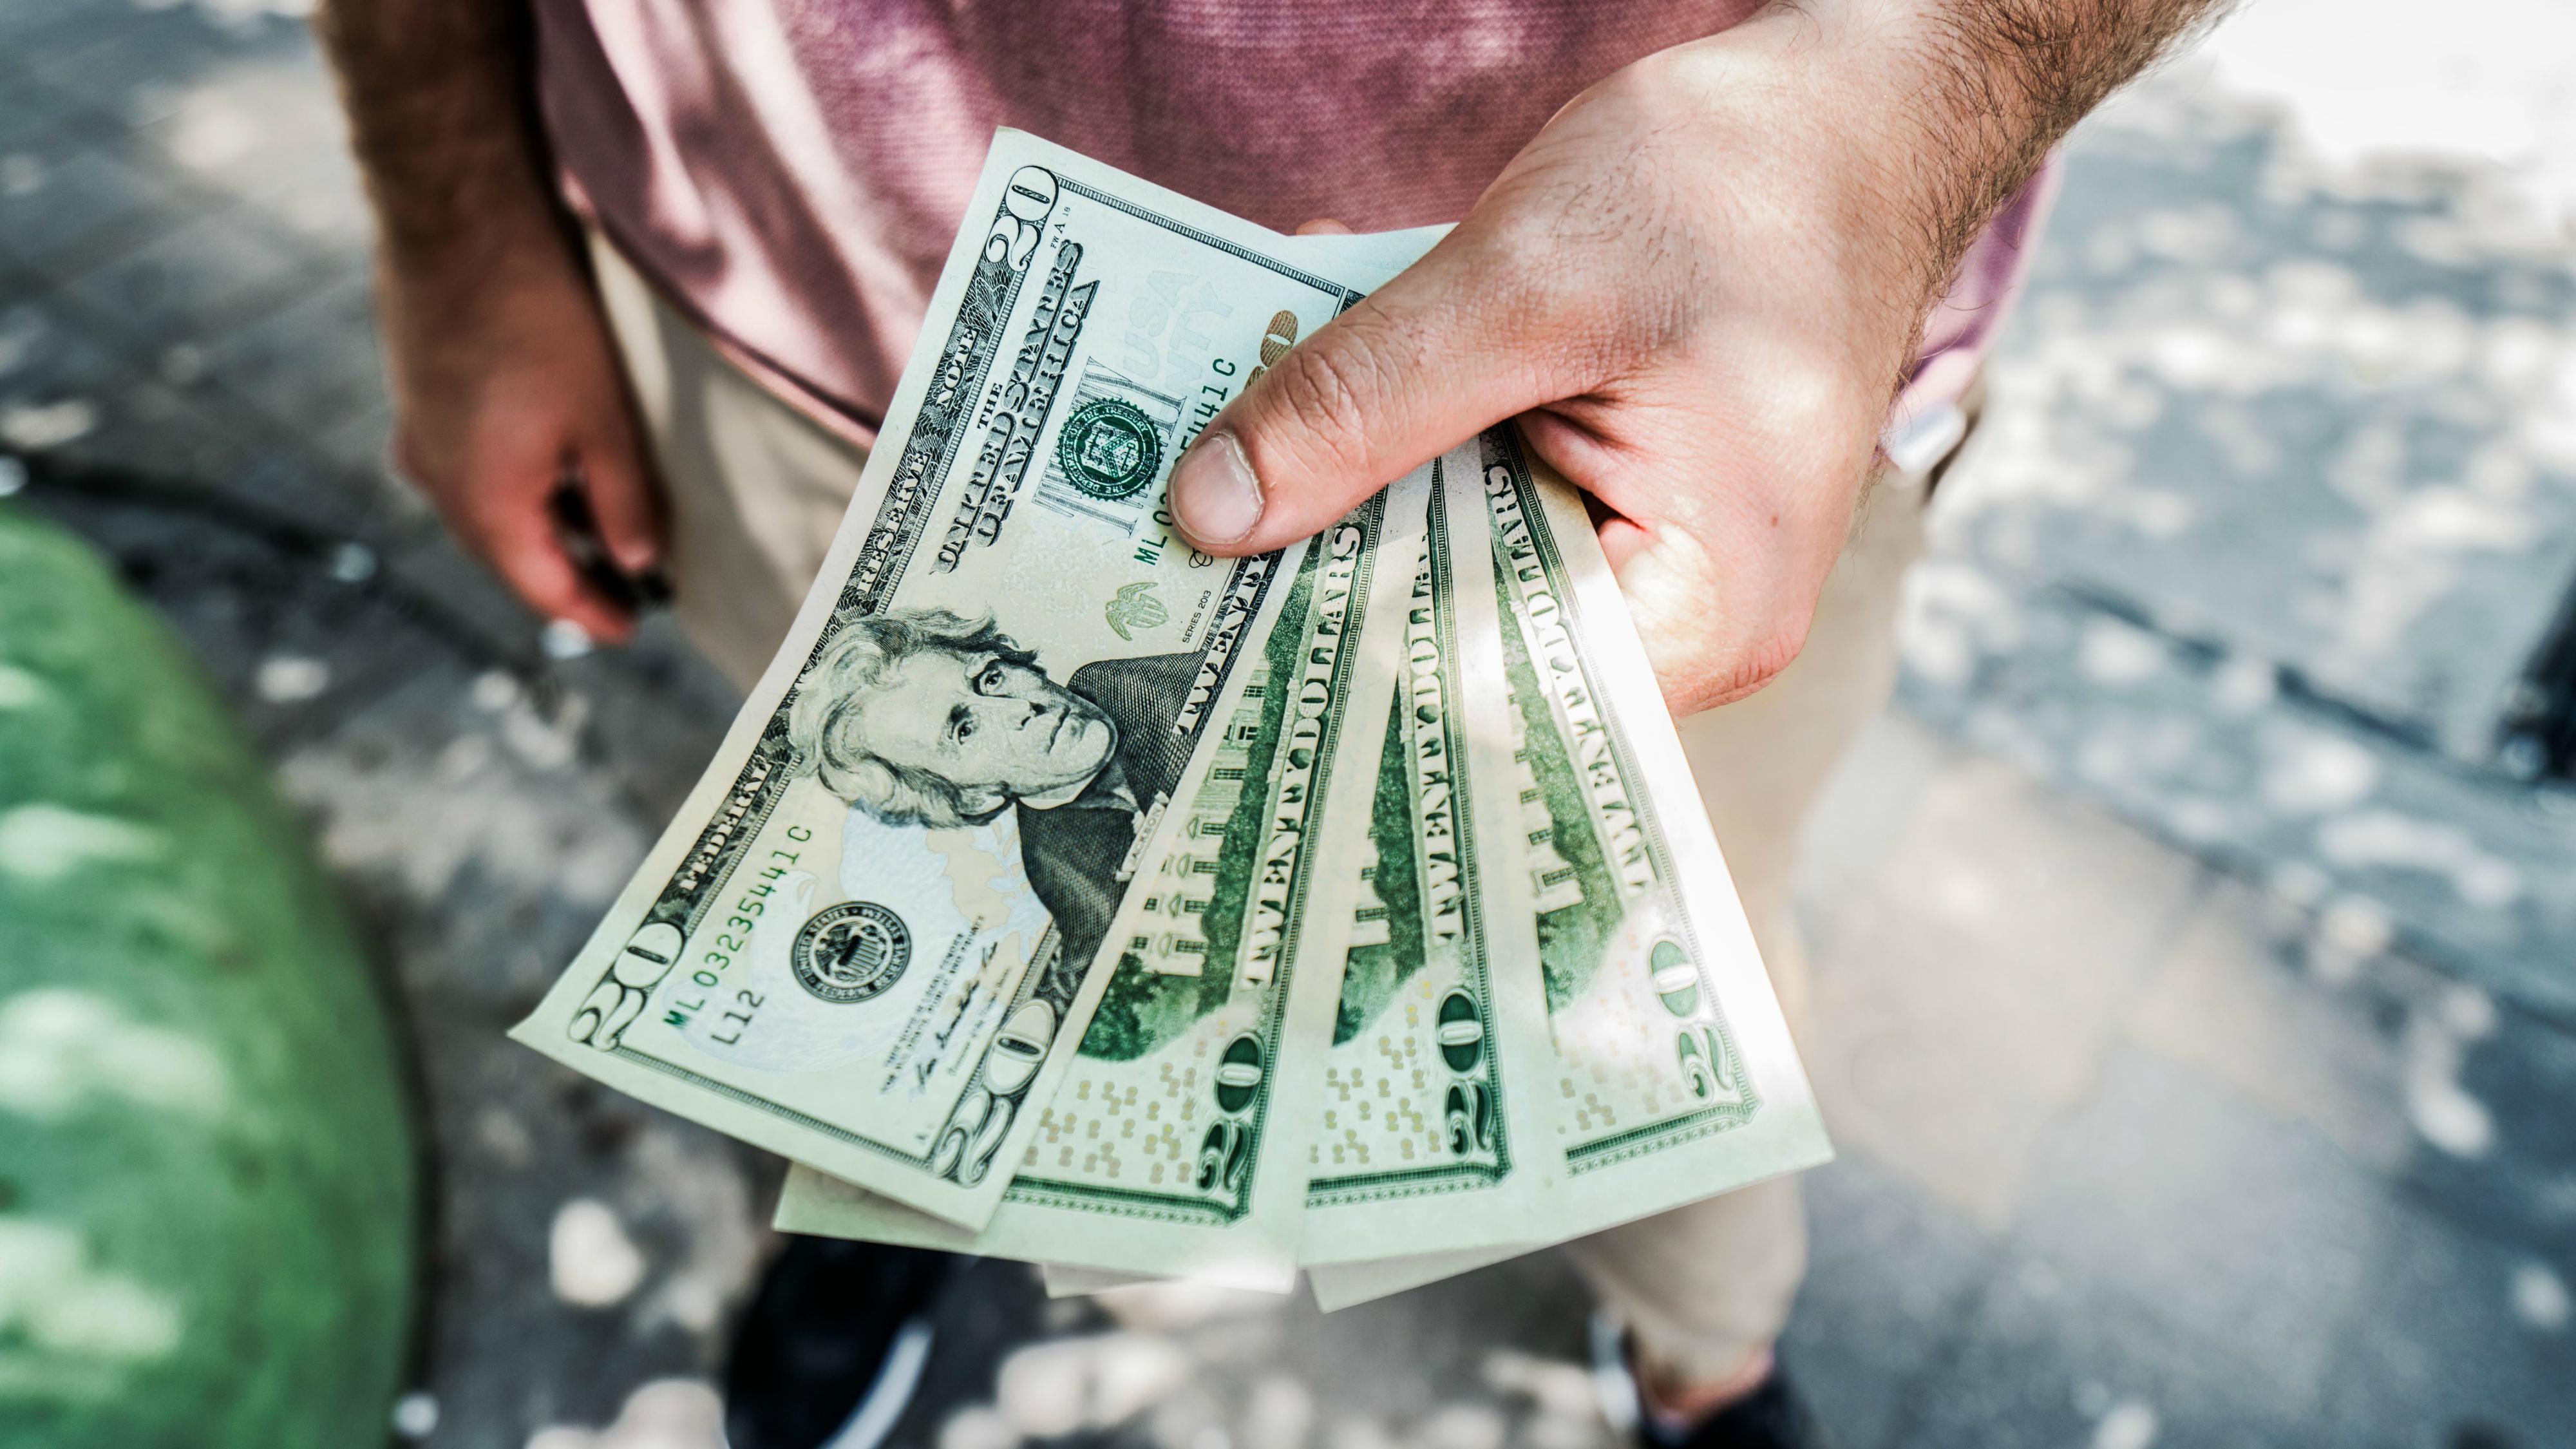 kā nopelnīt naudu 2020 dolāros interneta ieņēmumu saites